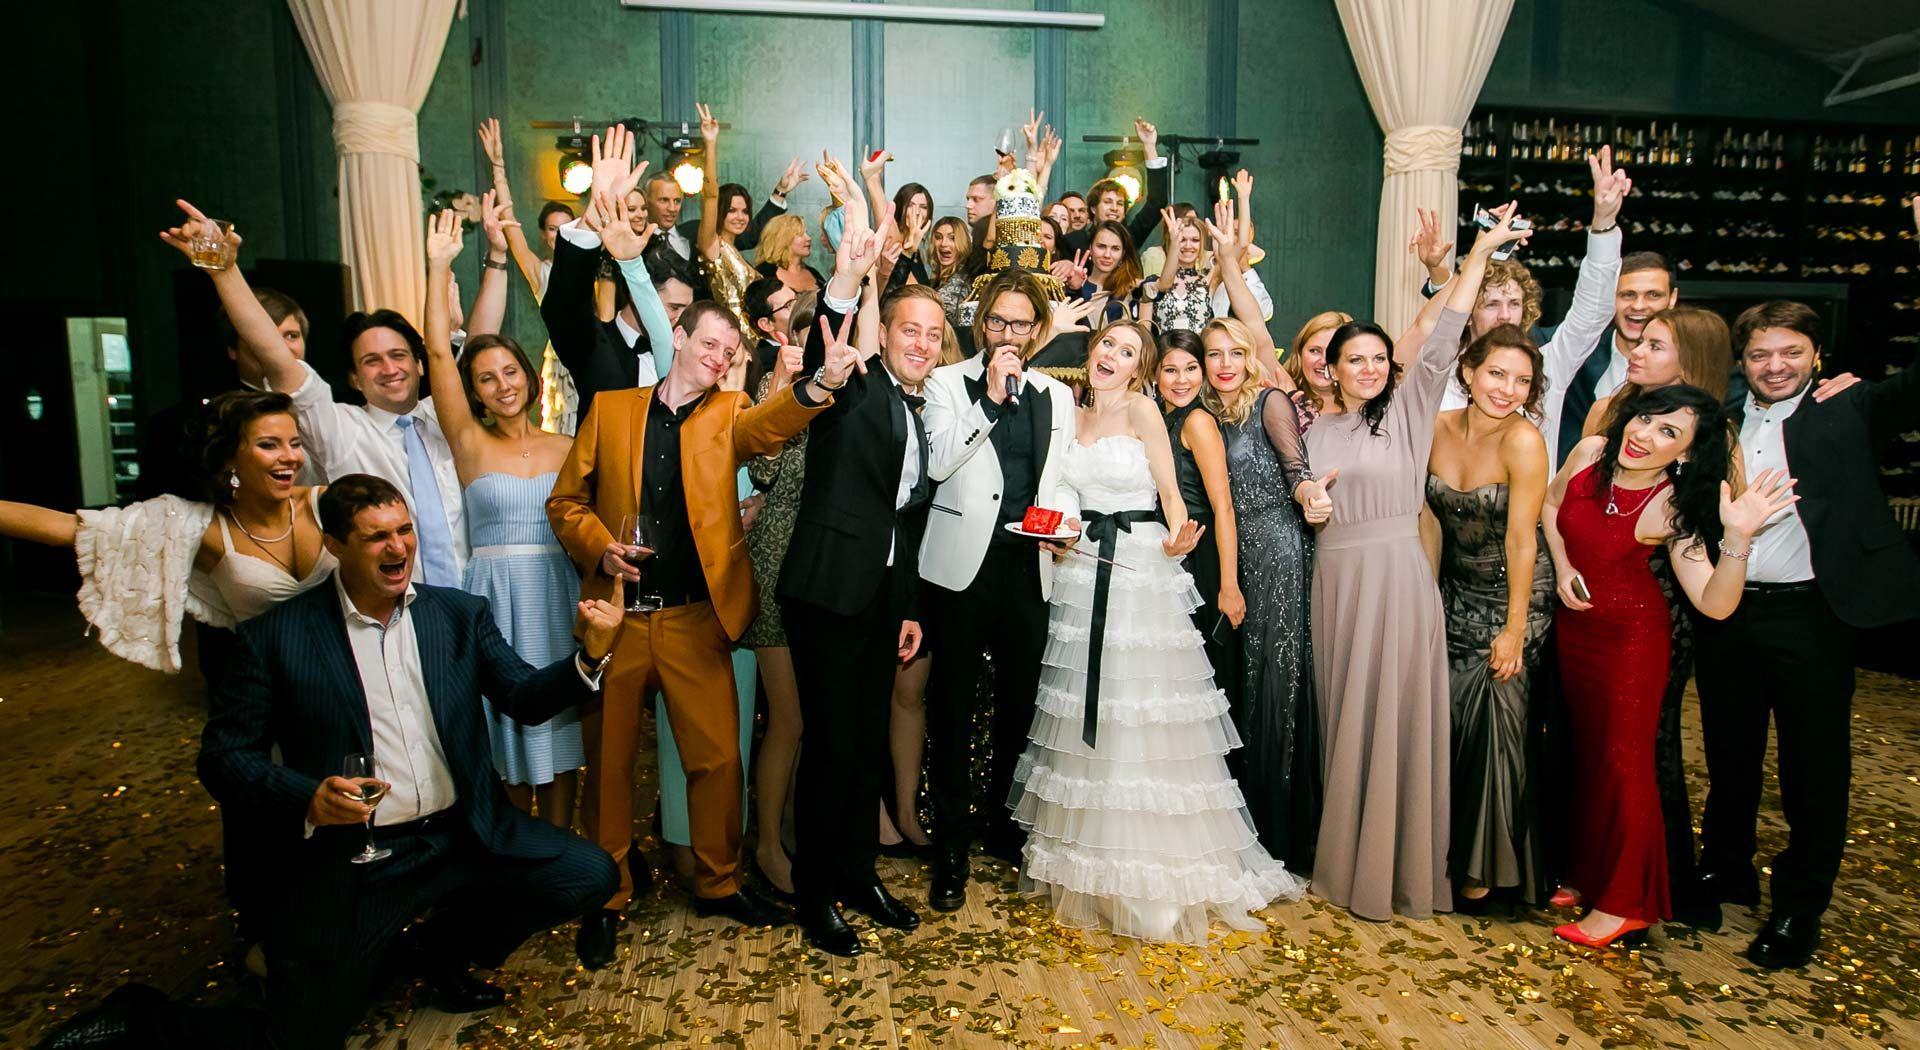 Свадьба Томаса Невергрина и Валерии Жидковой, репортаж, фото 26